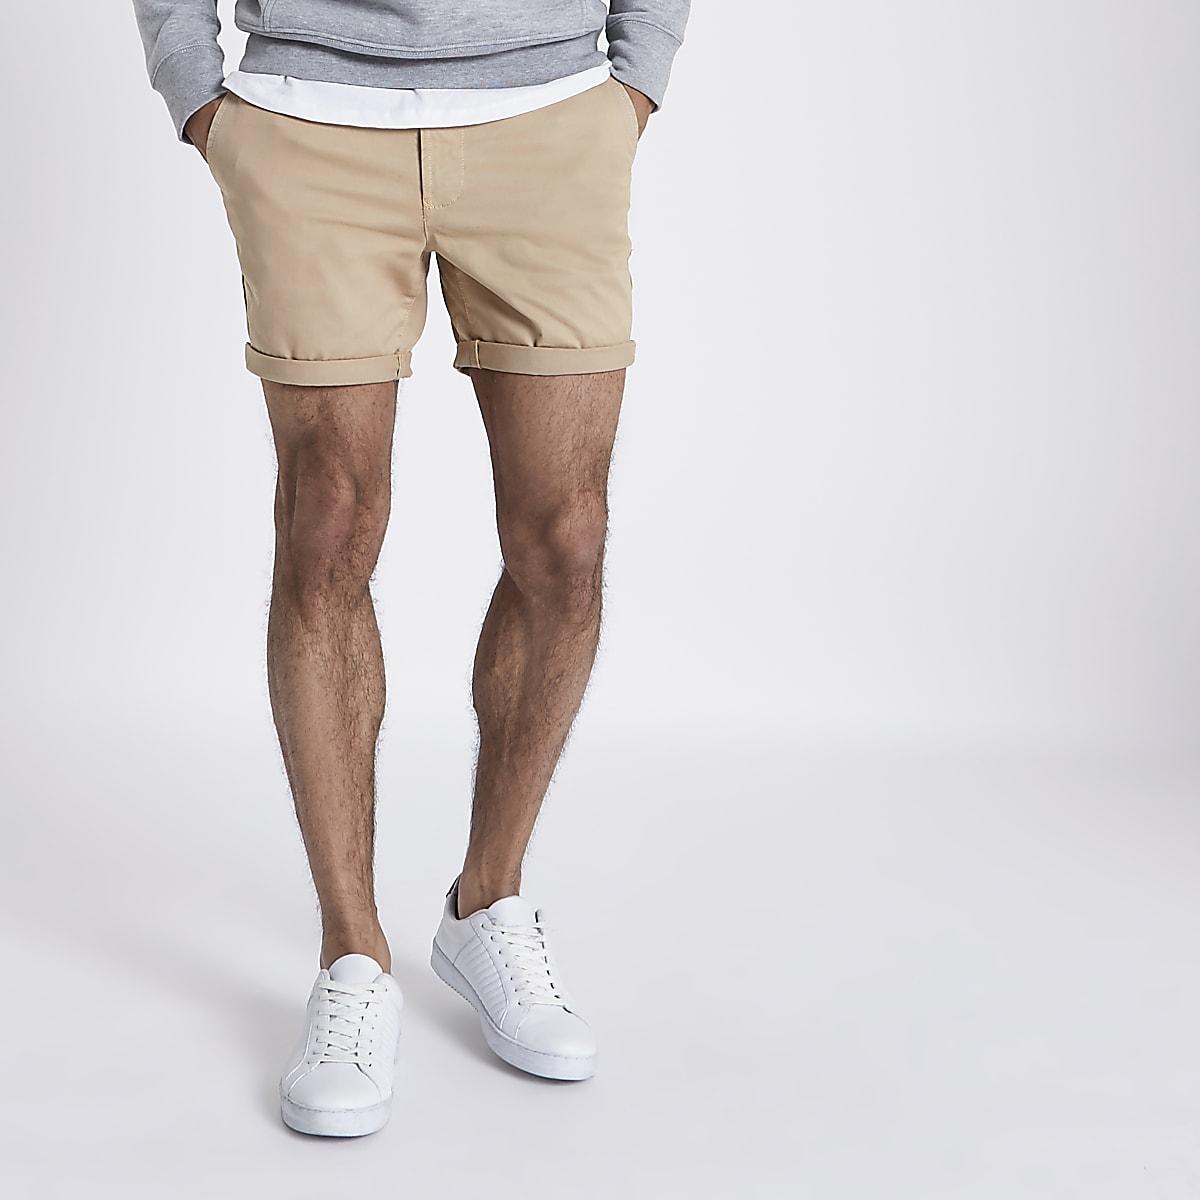 Turn Hem Slim Fit Chino Up Tan Shorts IYbfyg76v